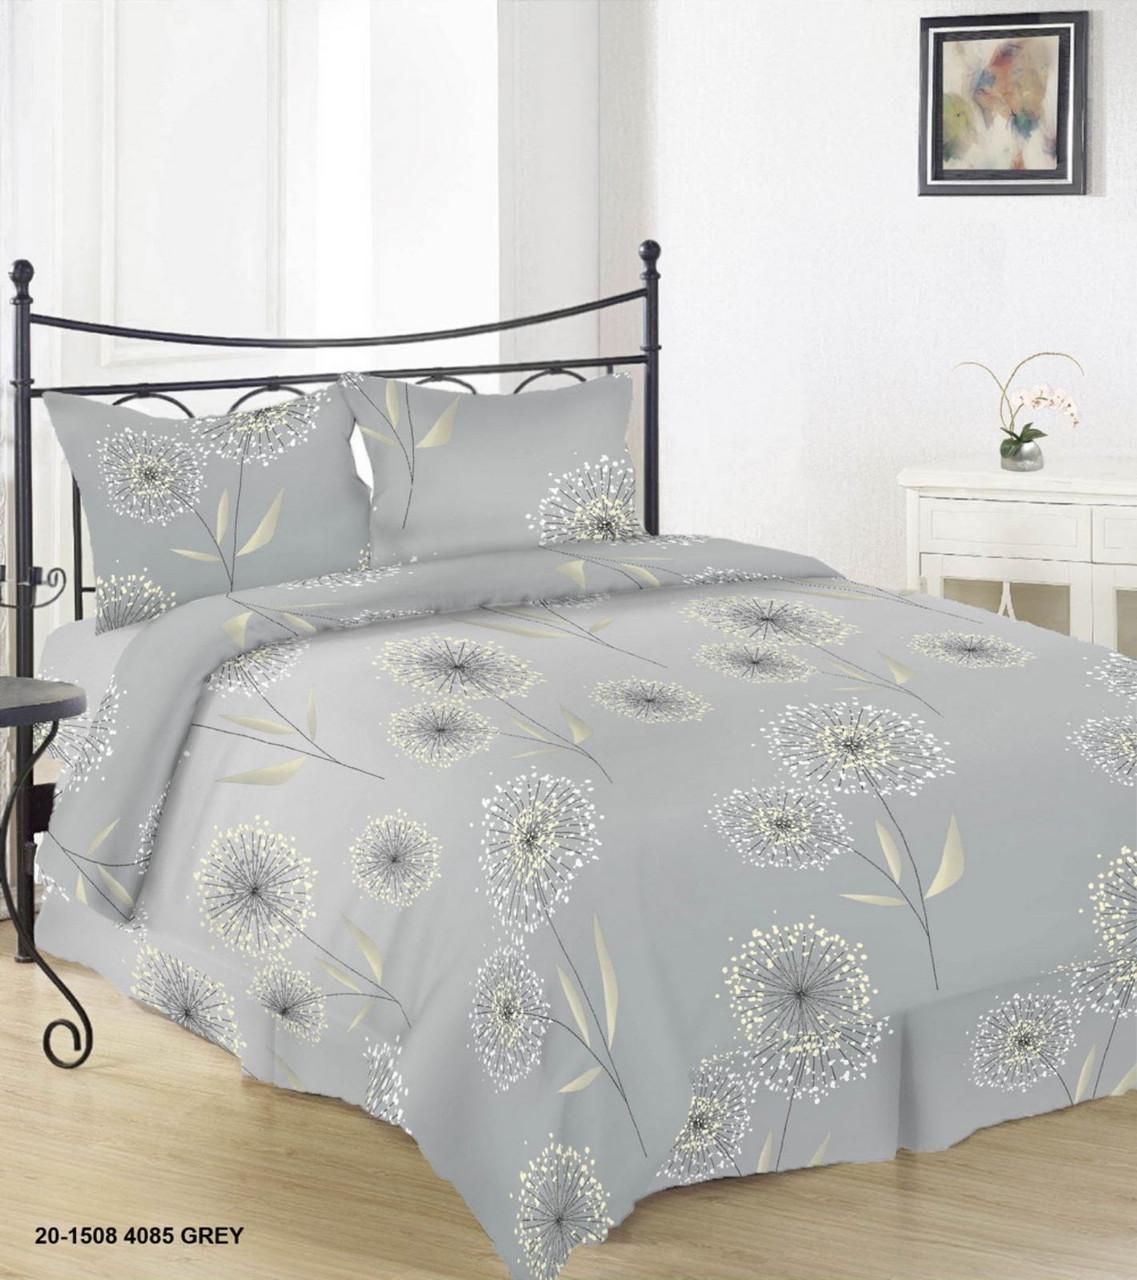 Красивое и стильное постельное белье супер качества, двухспалка, одуванчик на сером